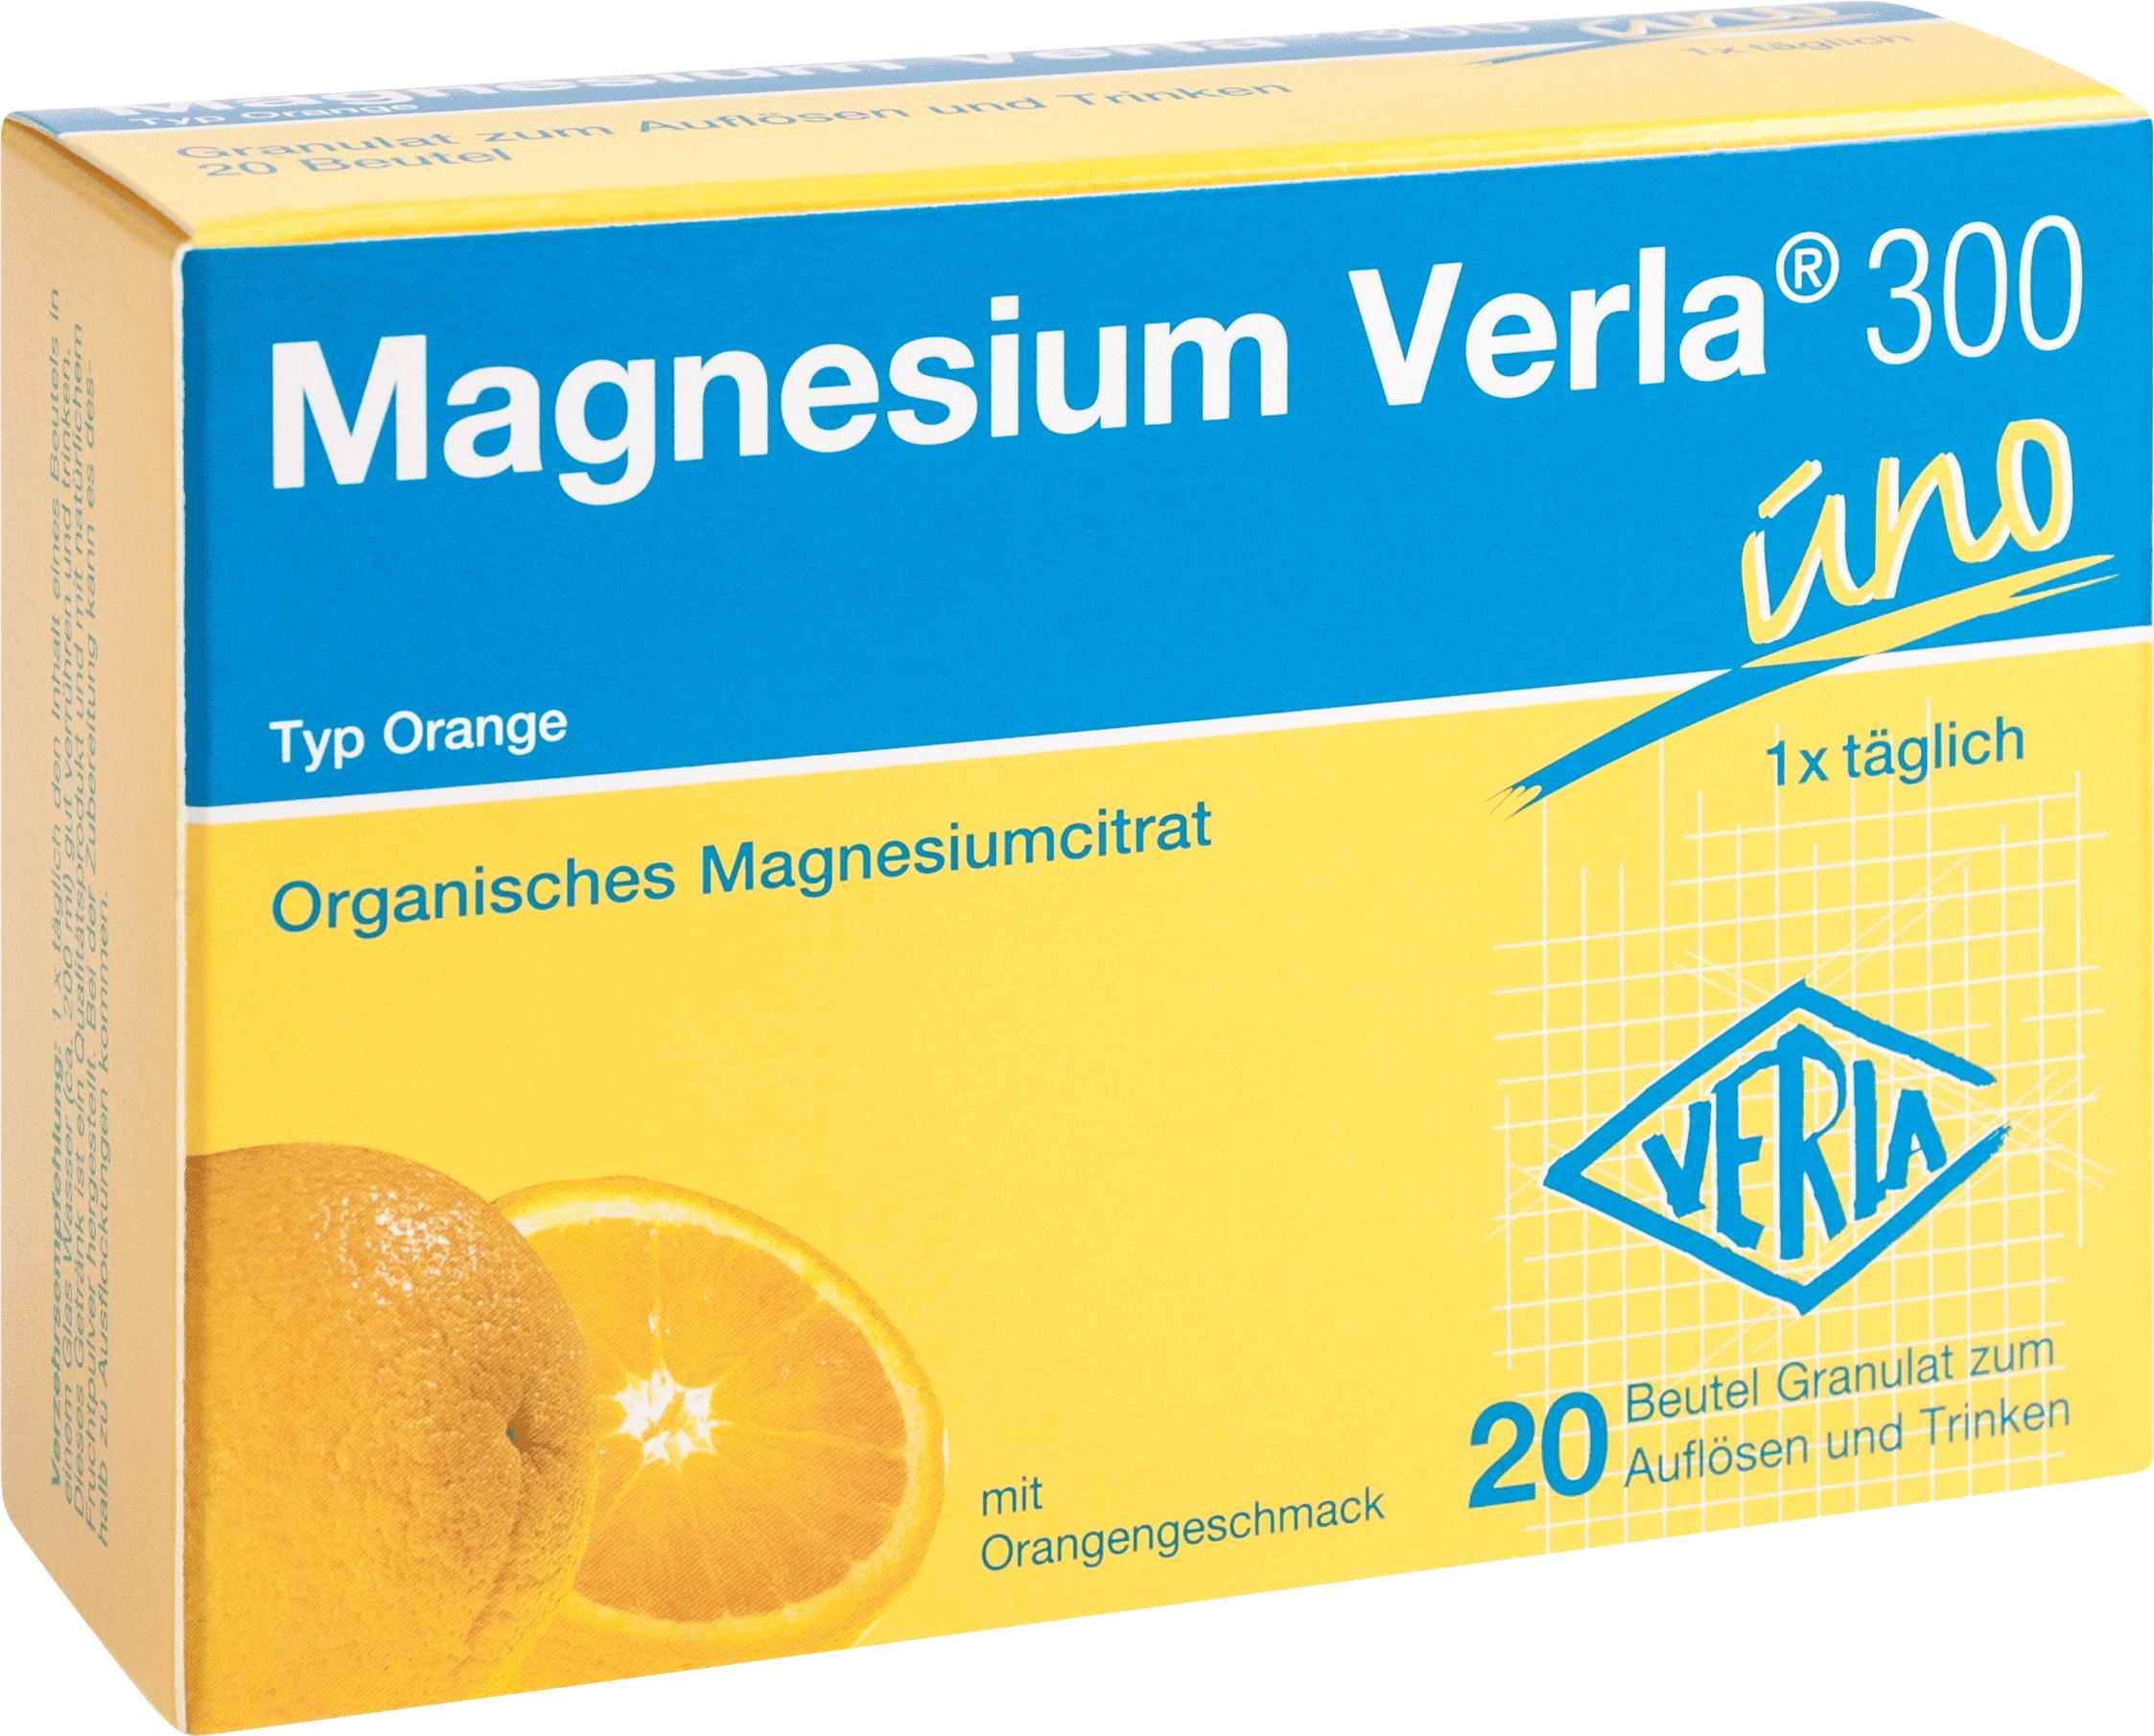 Magnesium Verla 300 Orange